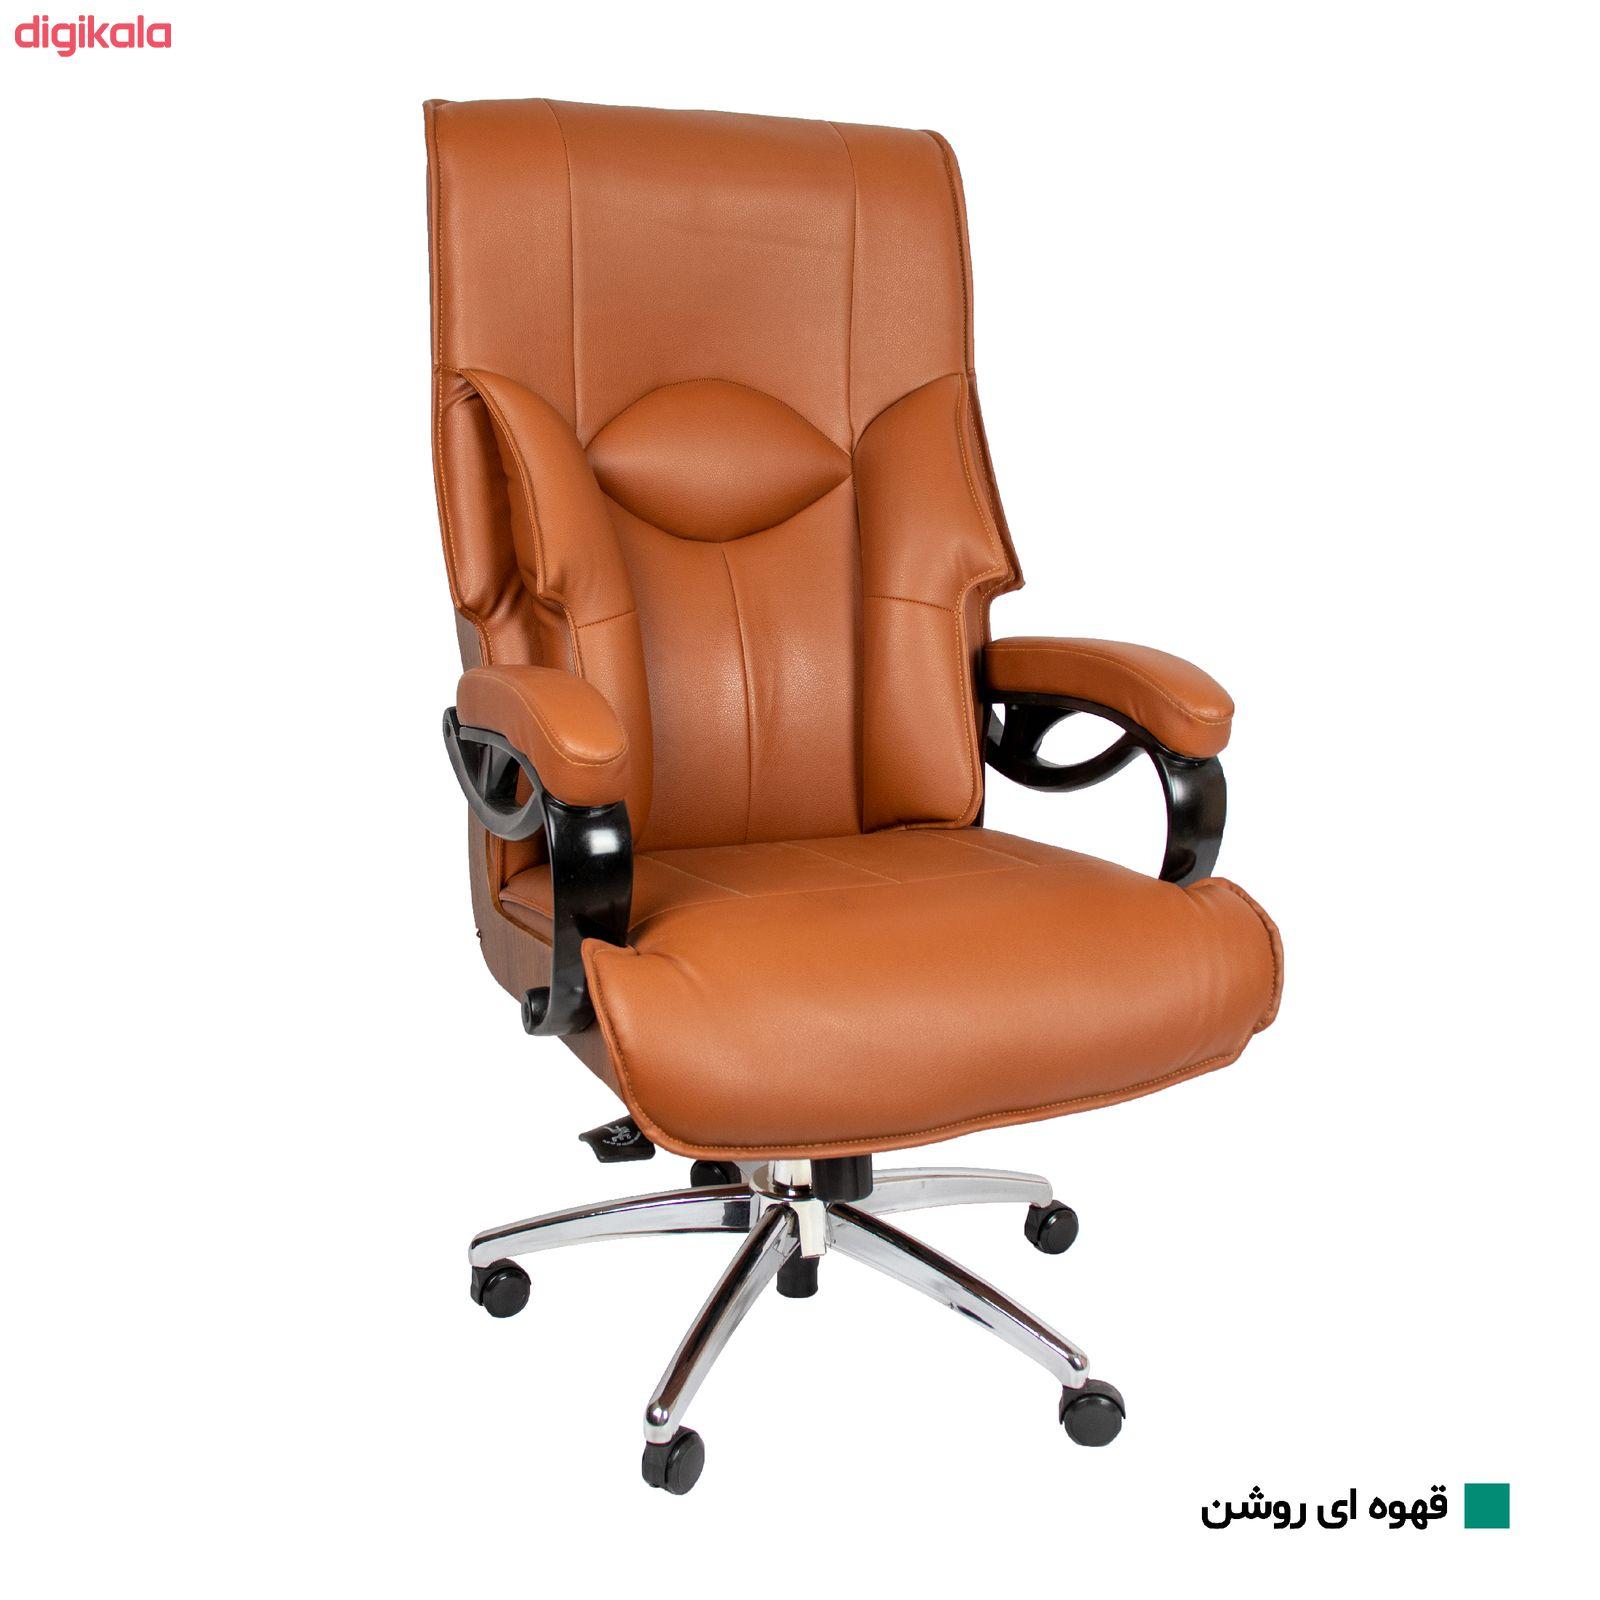 صندلی اداری آرکانو کد M900D main 1 8